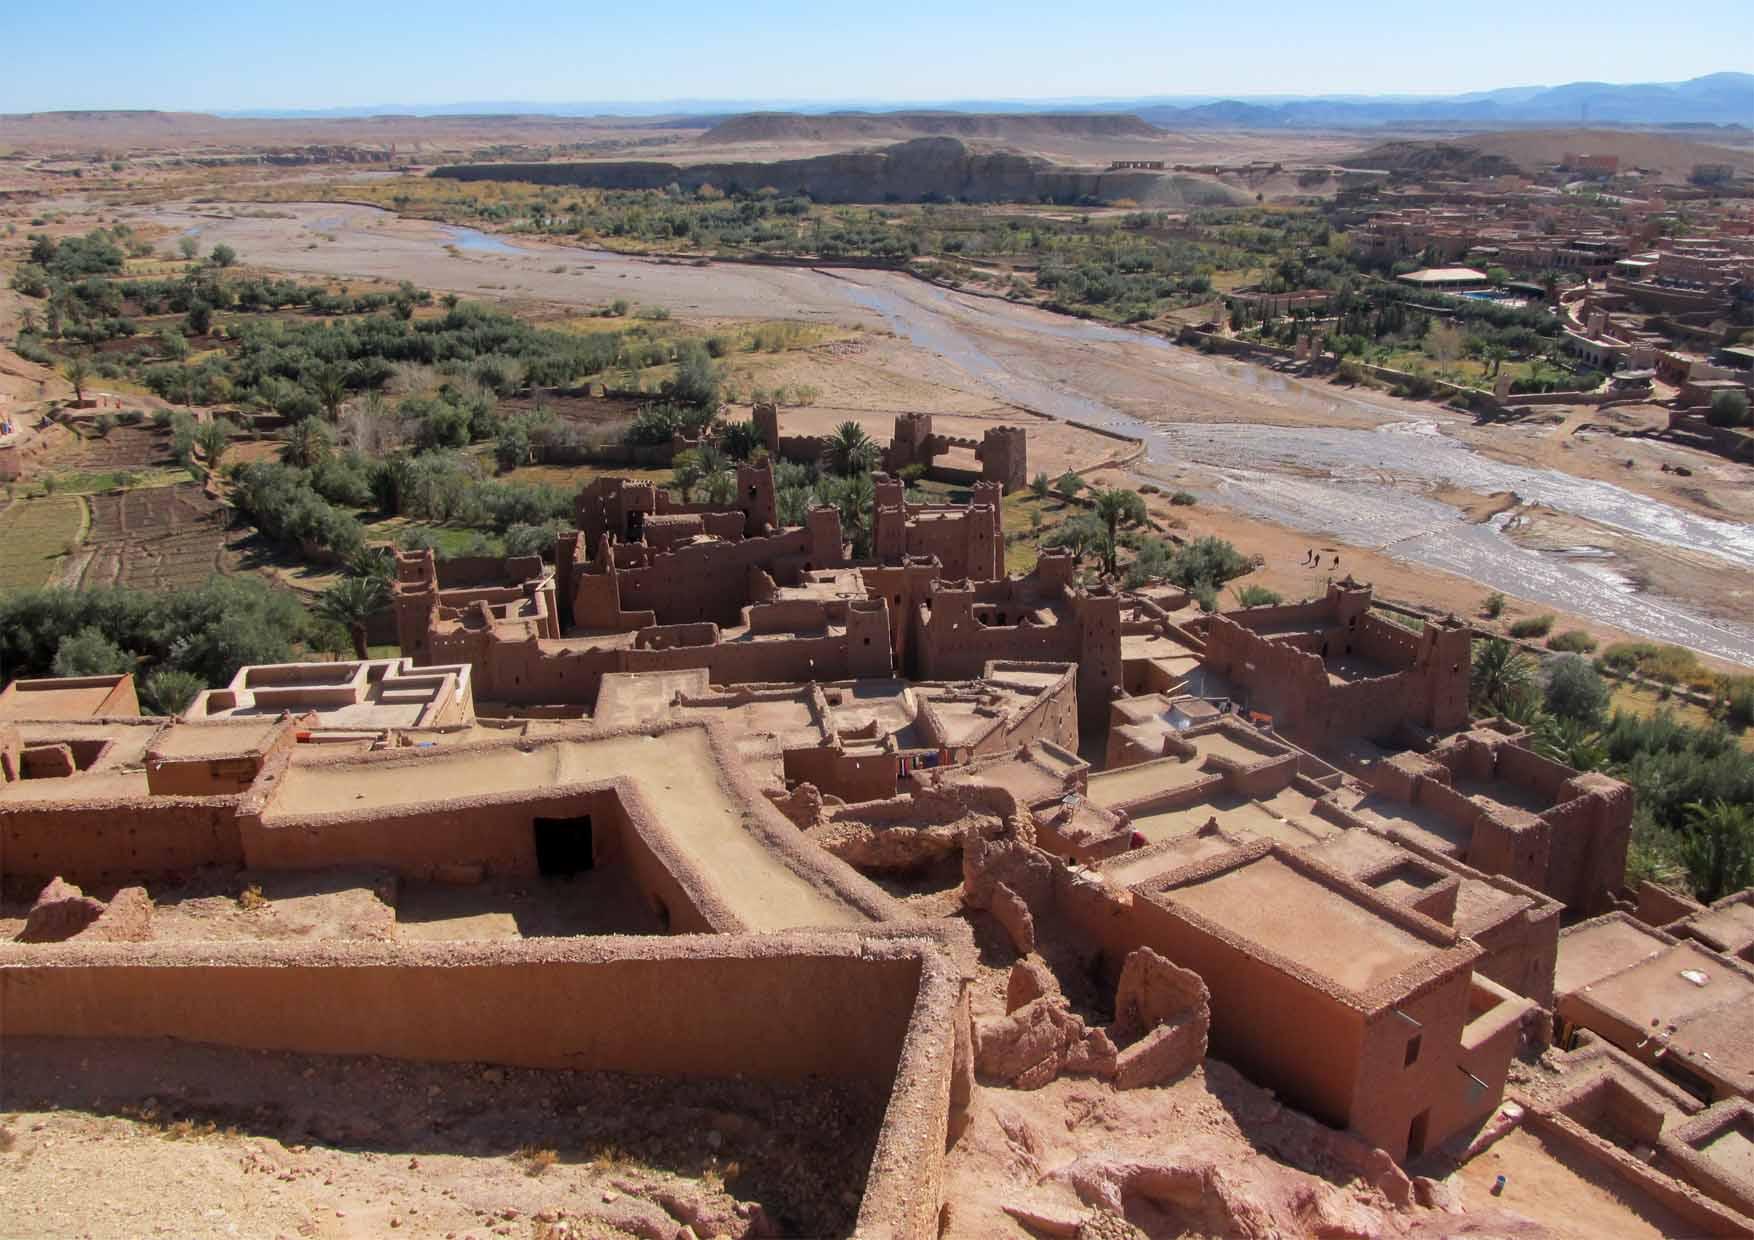 13 maroko ait ben haddou ravni krovovi i okolina